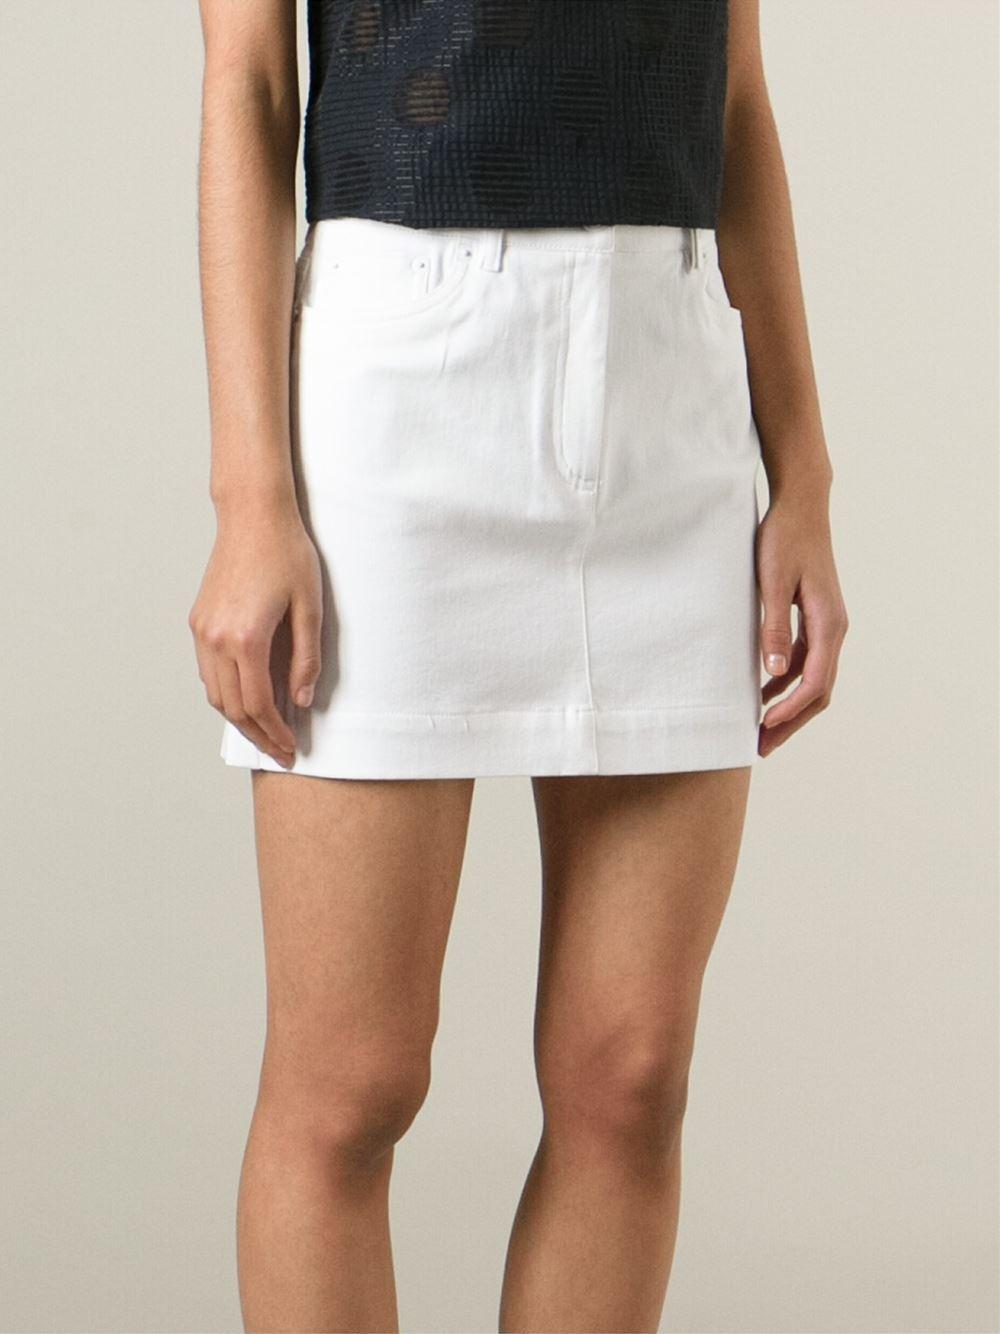 Kenzo Denim Mini Skirt in White | Lyst